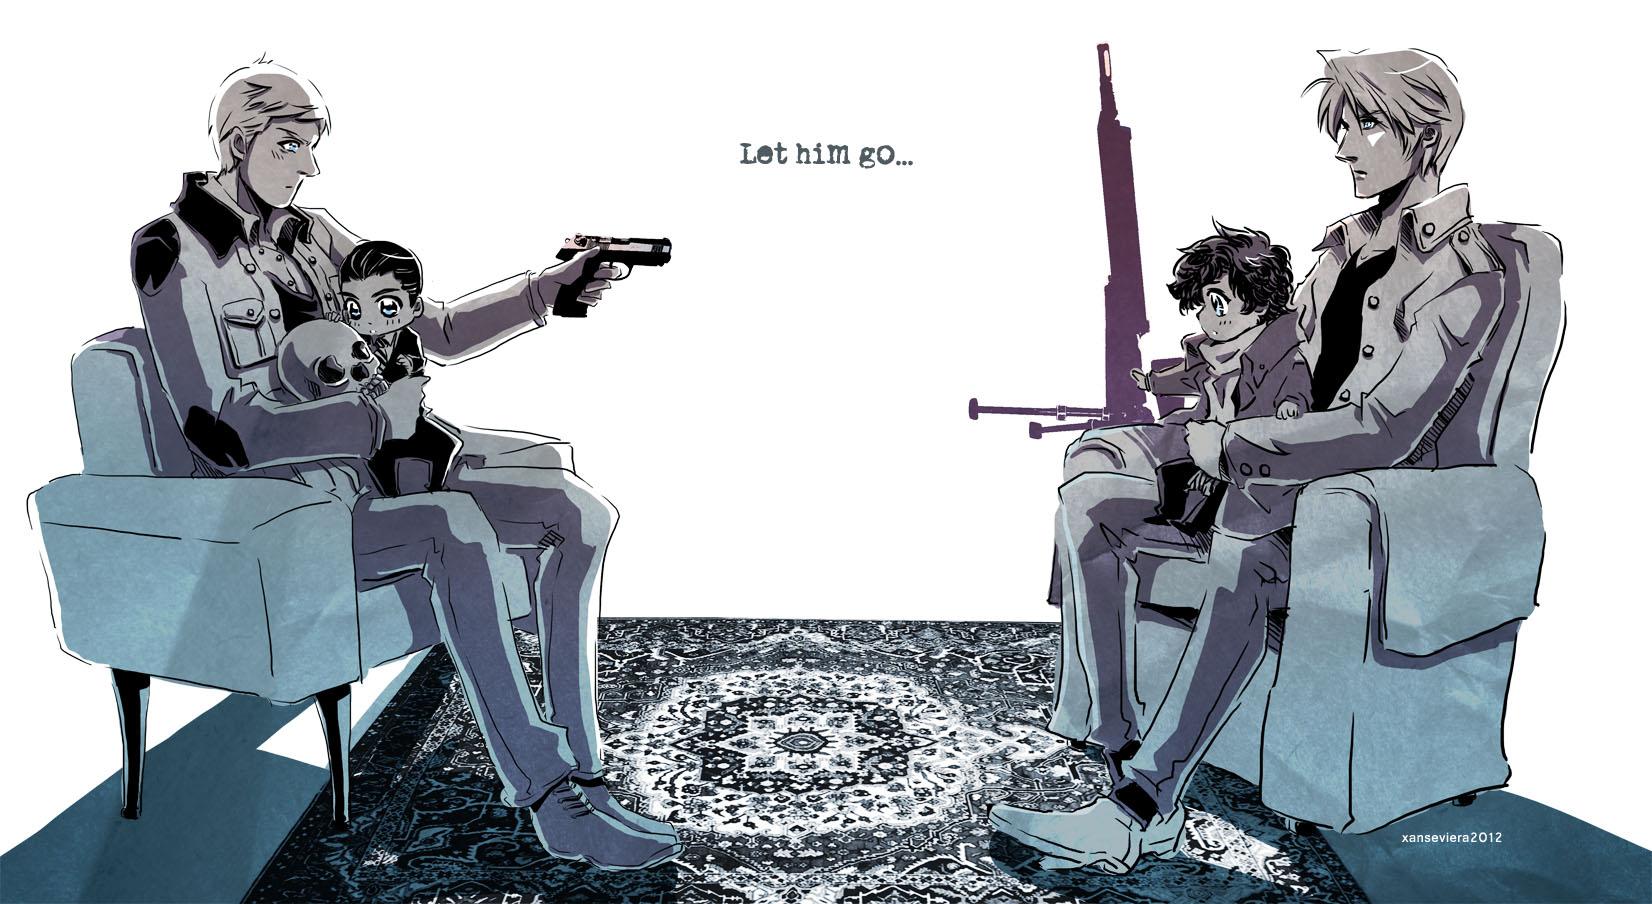 Sherlock+haywire by xanseviera